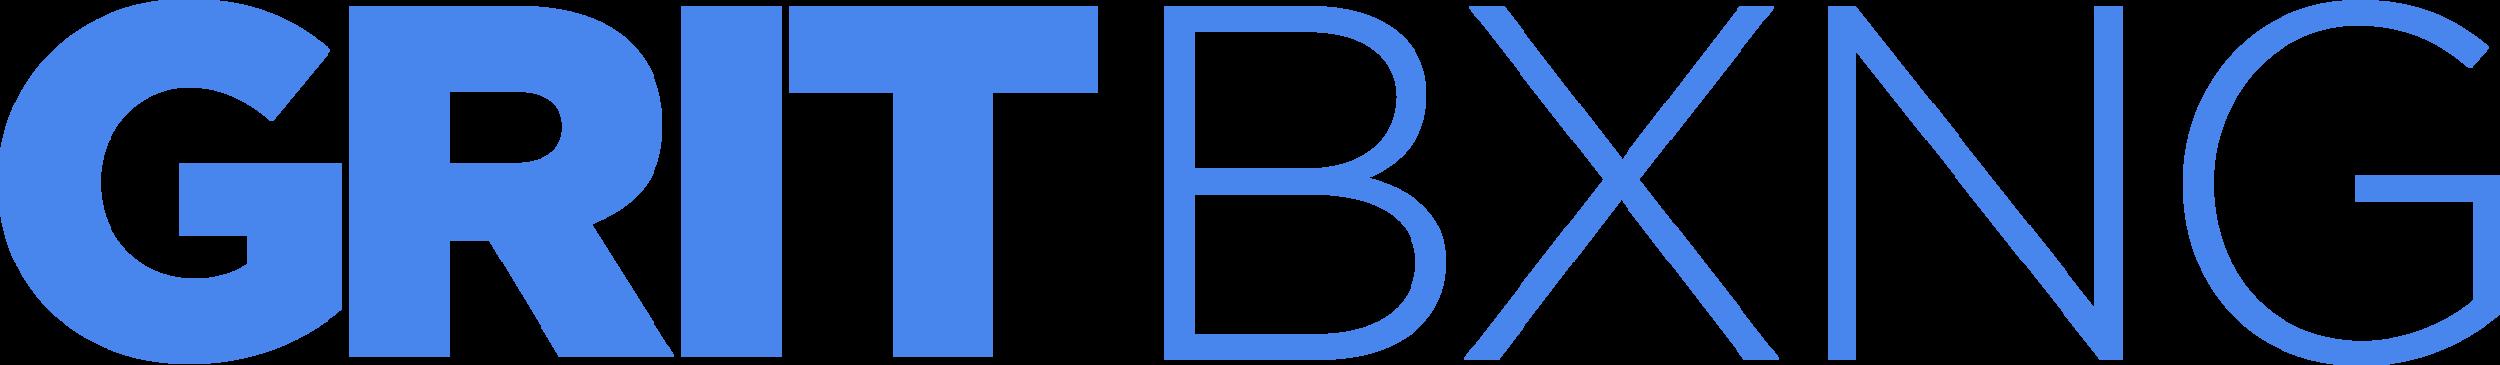 GRIT BXNG BlueTransparent.png